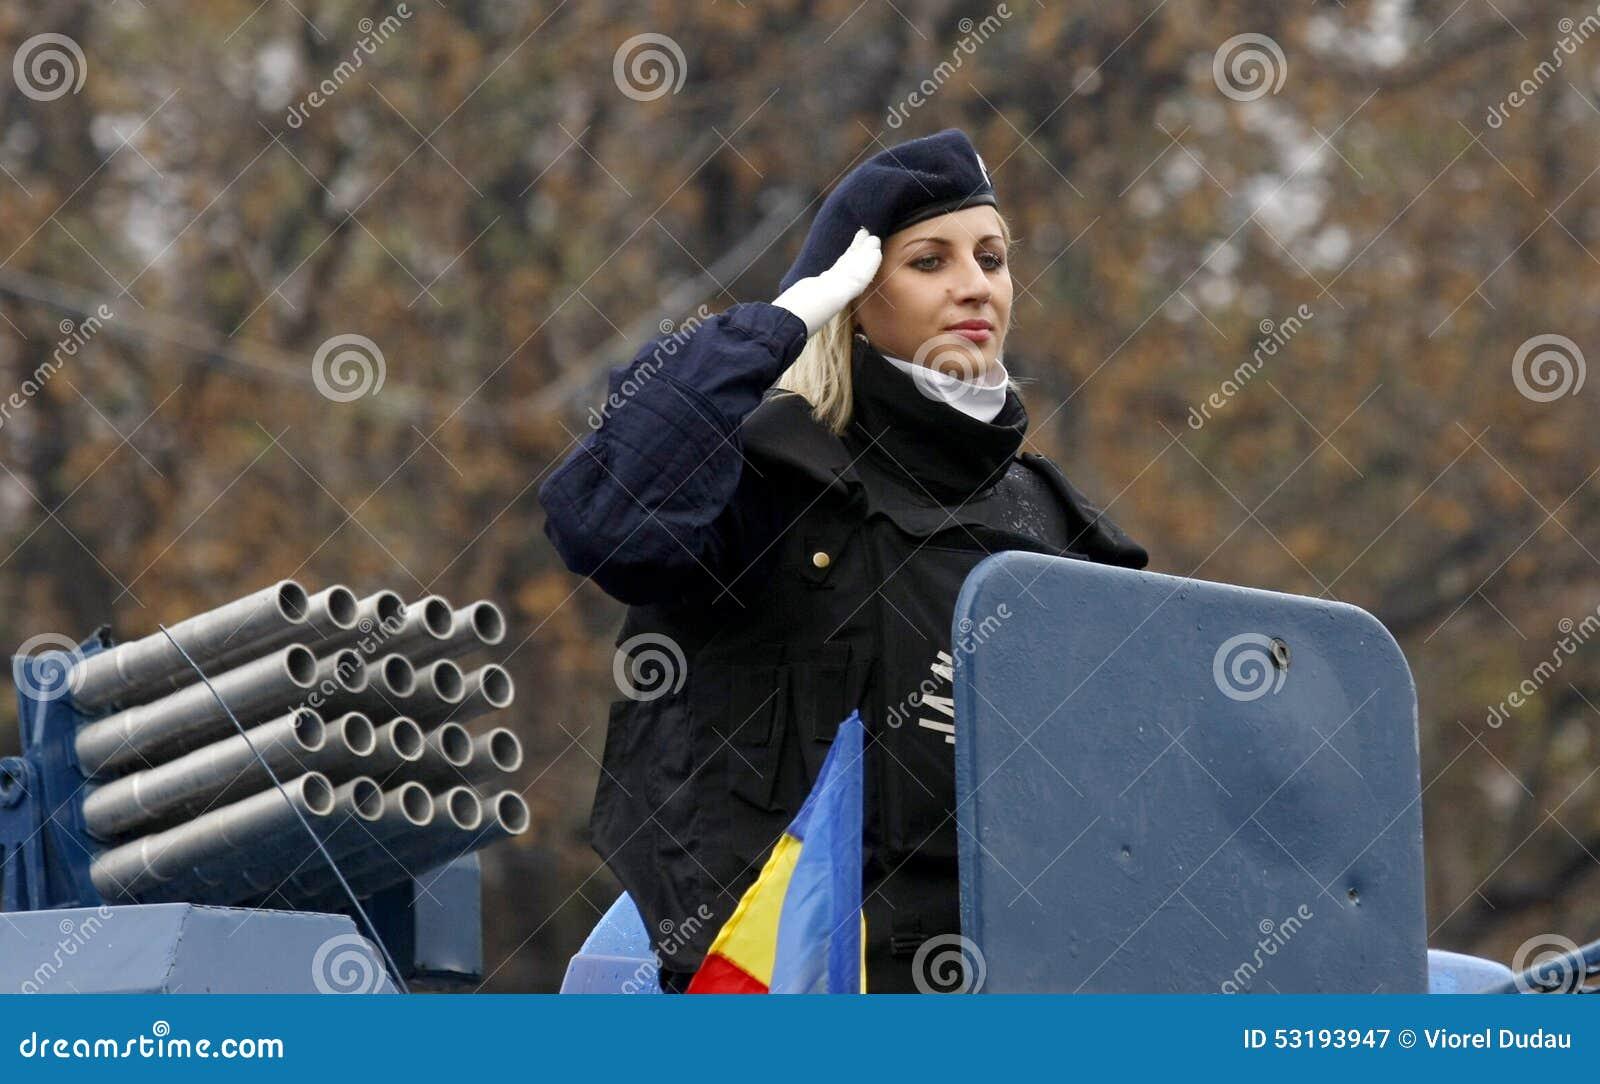 Wojsko zmusza militarnej kobiety